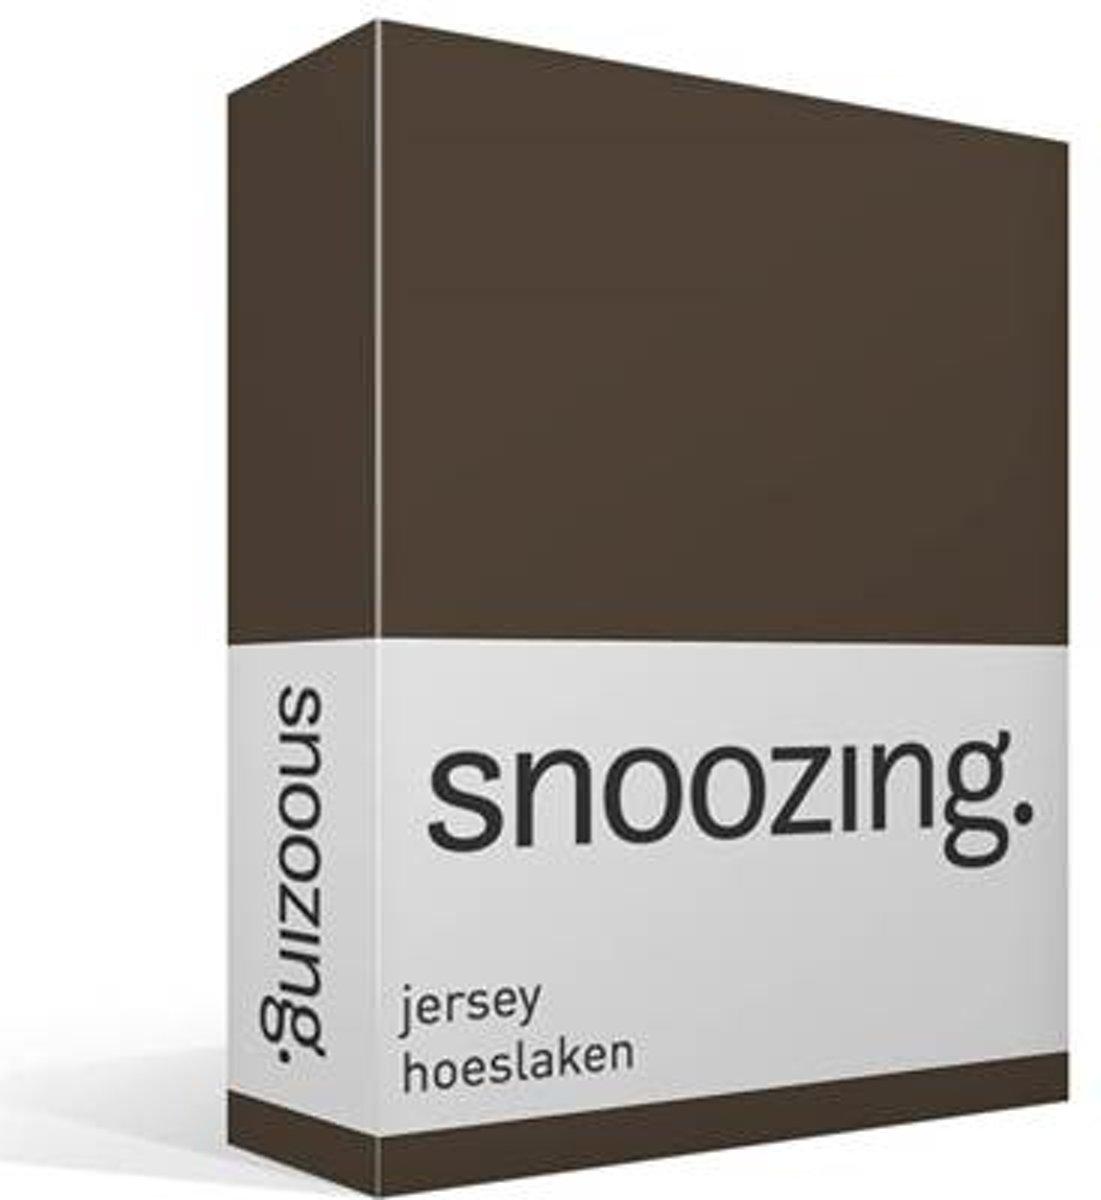 Snoozing Jersey - Hoeslaken - 100% gebreide katoen - 160x200 cm - Bruin kopen